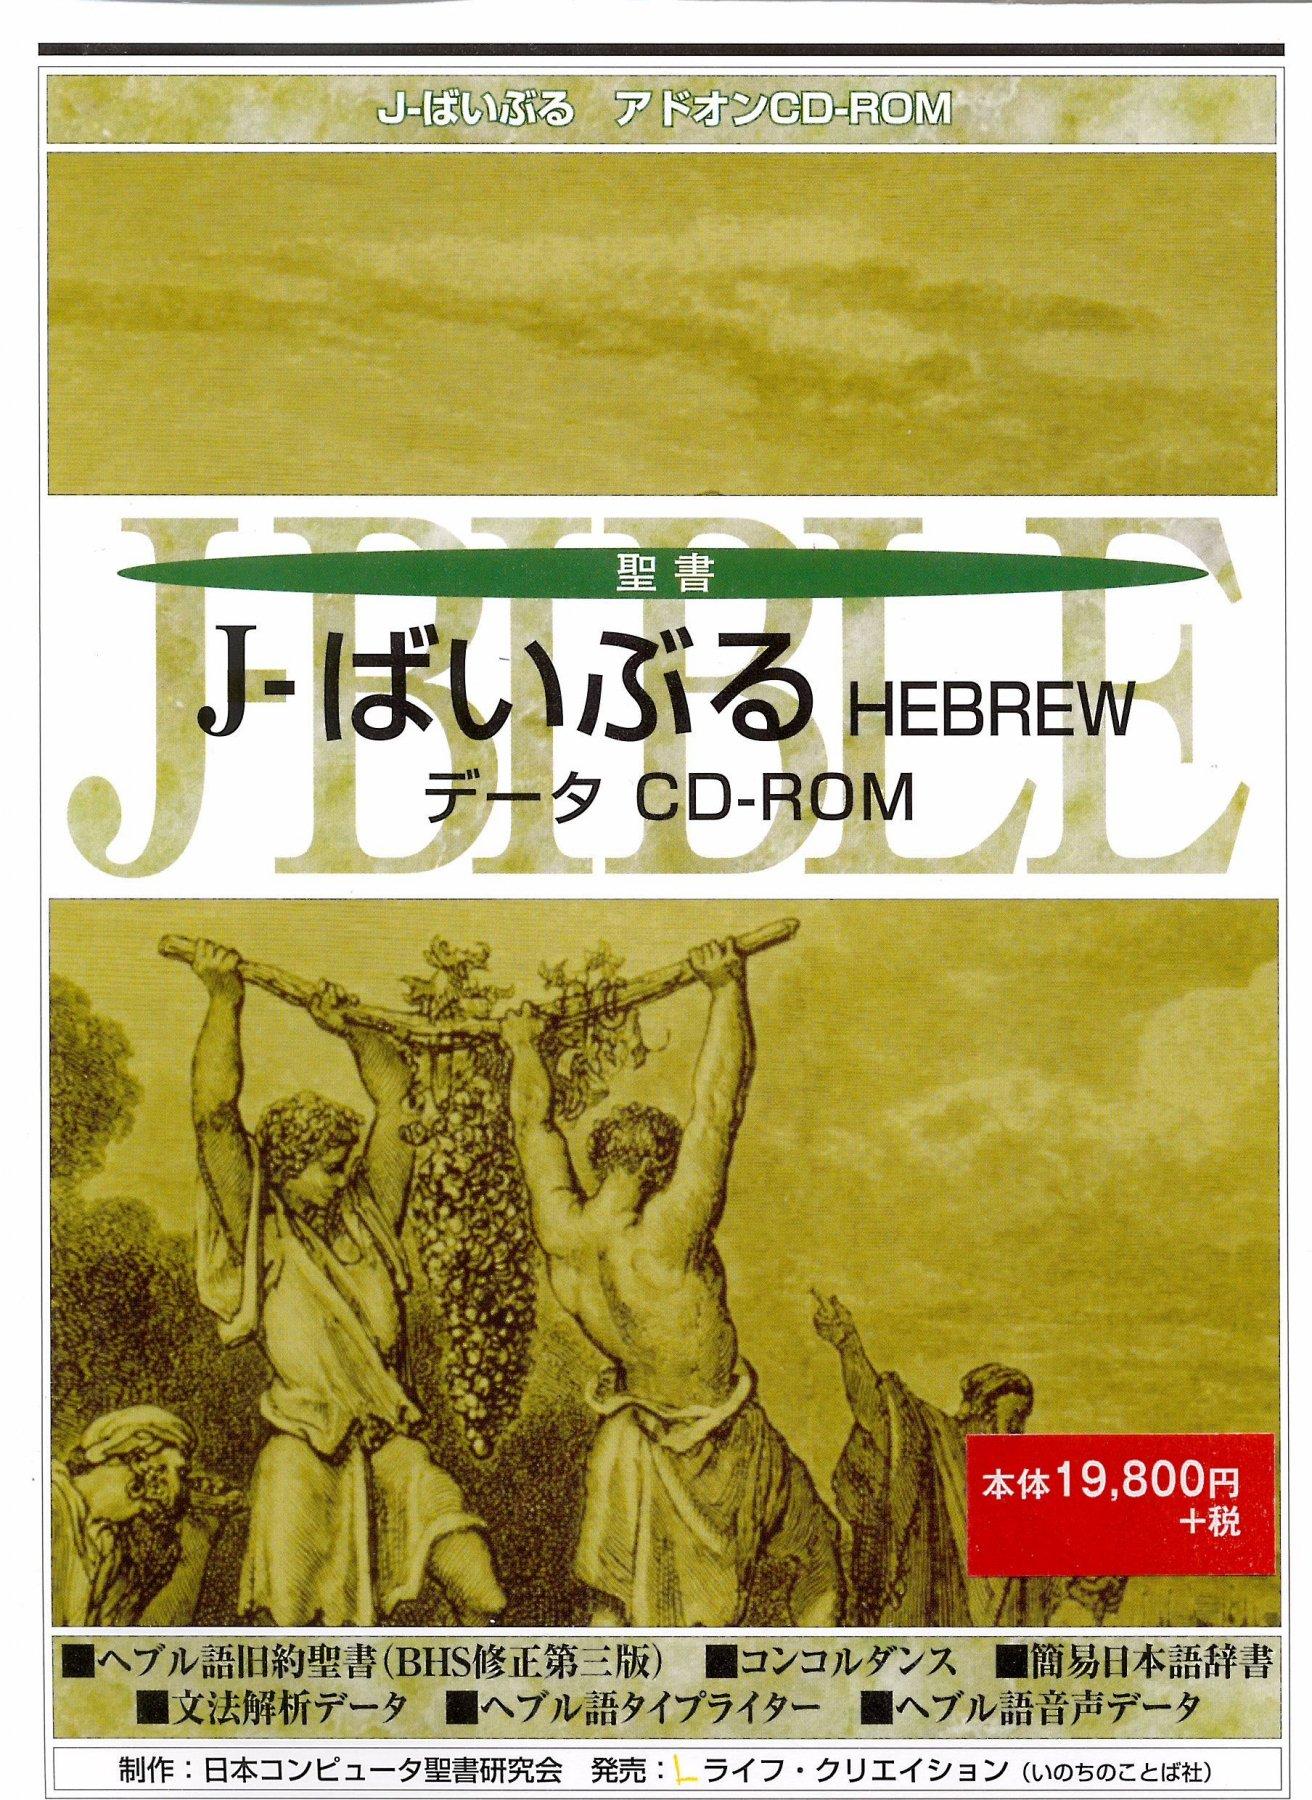 【10%OFF】J-ばいぶるシリーズ  J-ばいぶる Hebrew(3rd) CD-ROM Software for Windows(Windows10対応版)(79563)【在庫限り】の商品画像